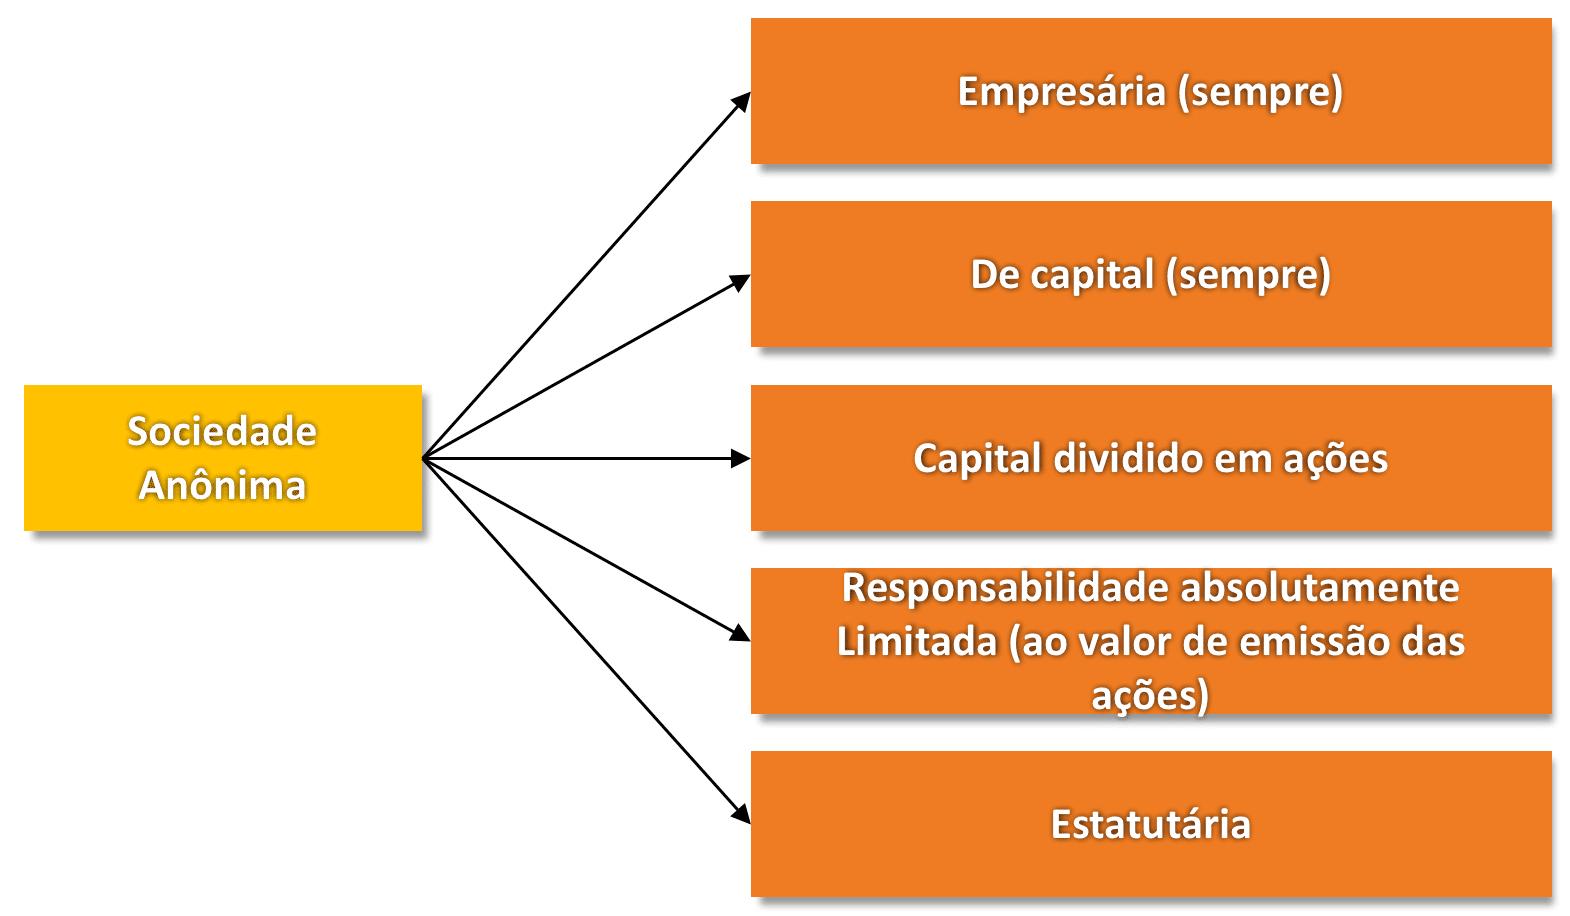 Características da Sociedade Anônima